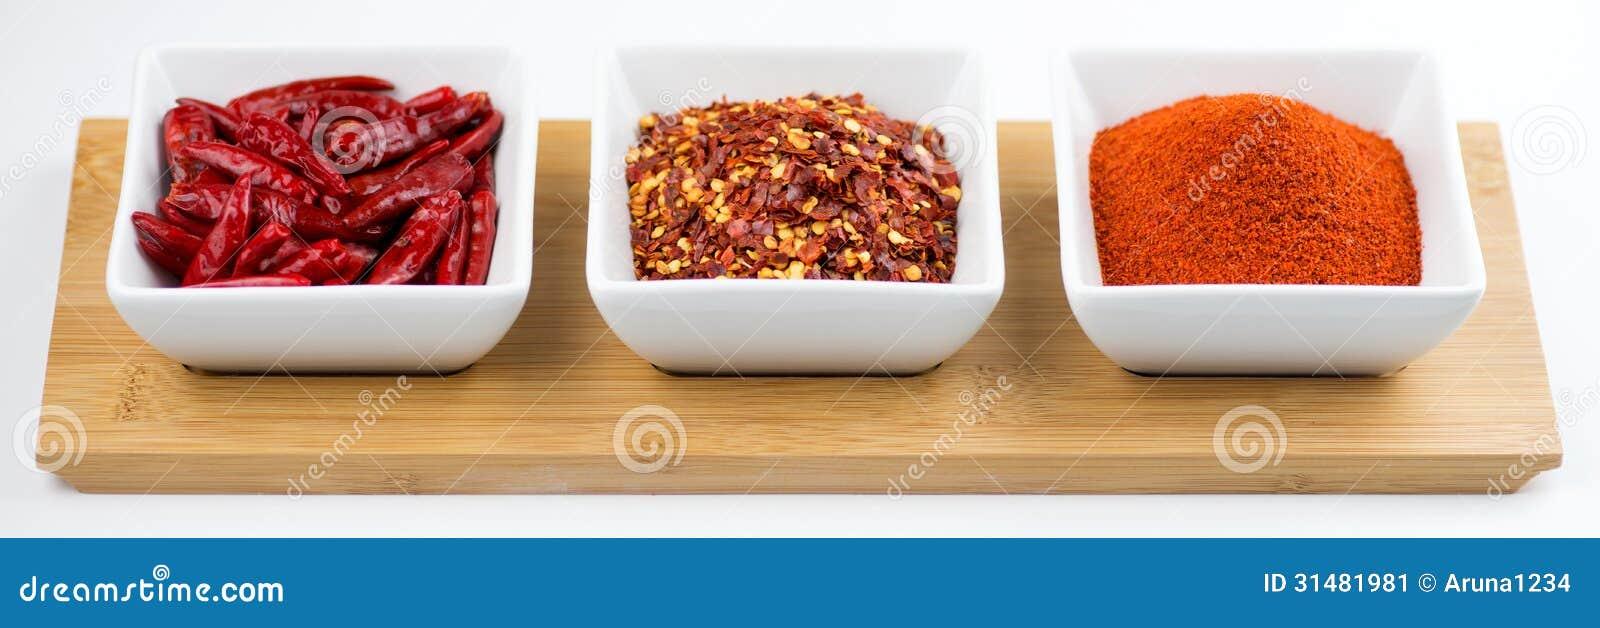 Resultado de imagen para condimento de chile en polvo